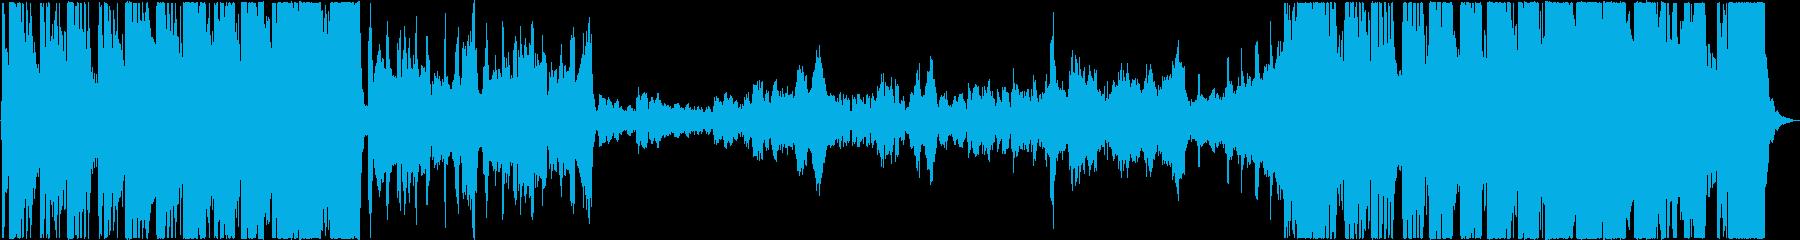 青空を飛び回るオーケストラの再生済みの波形